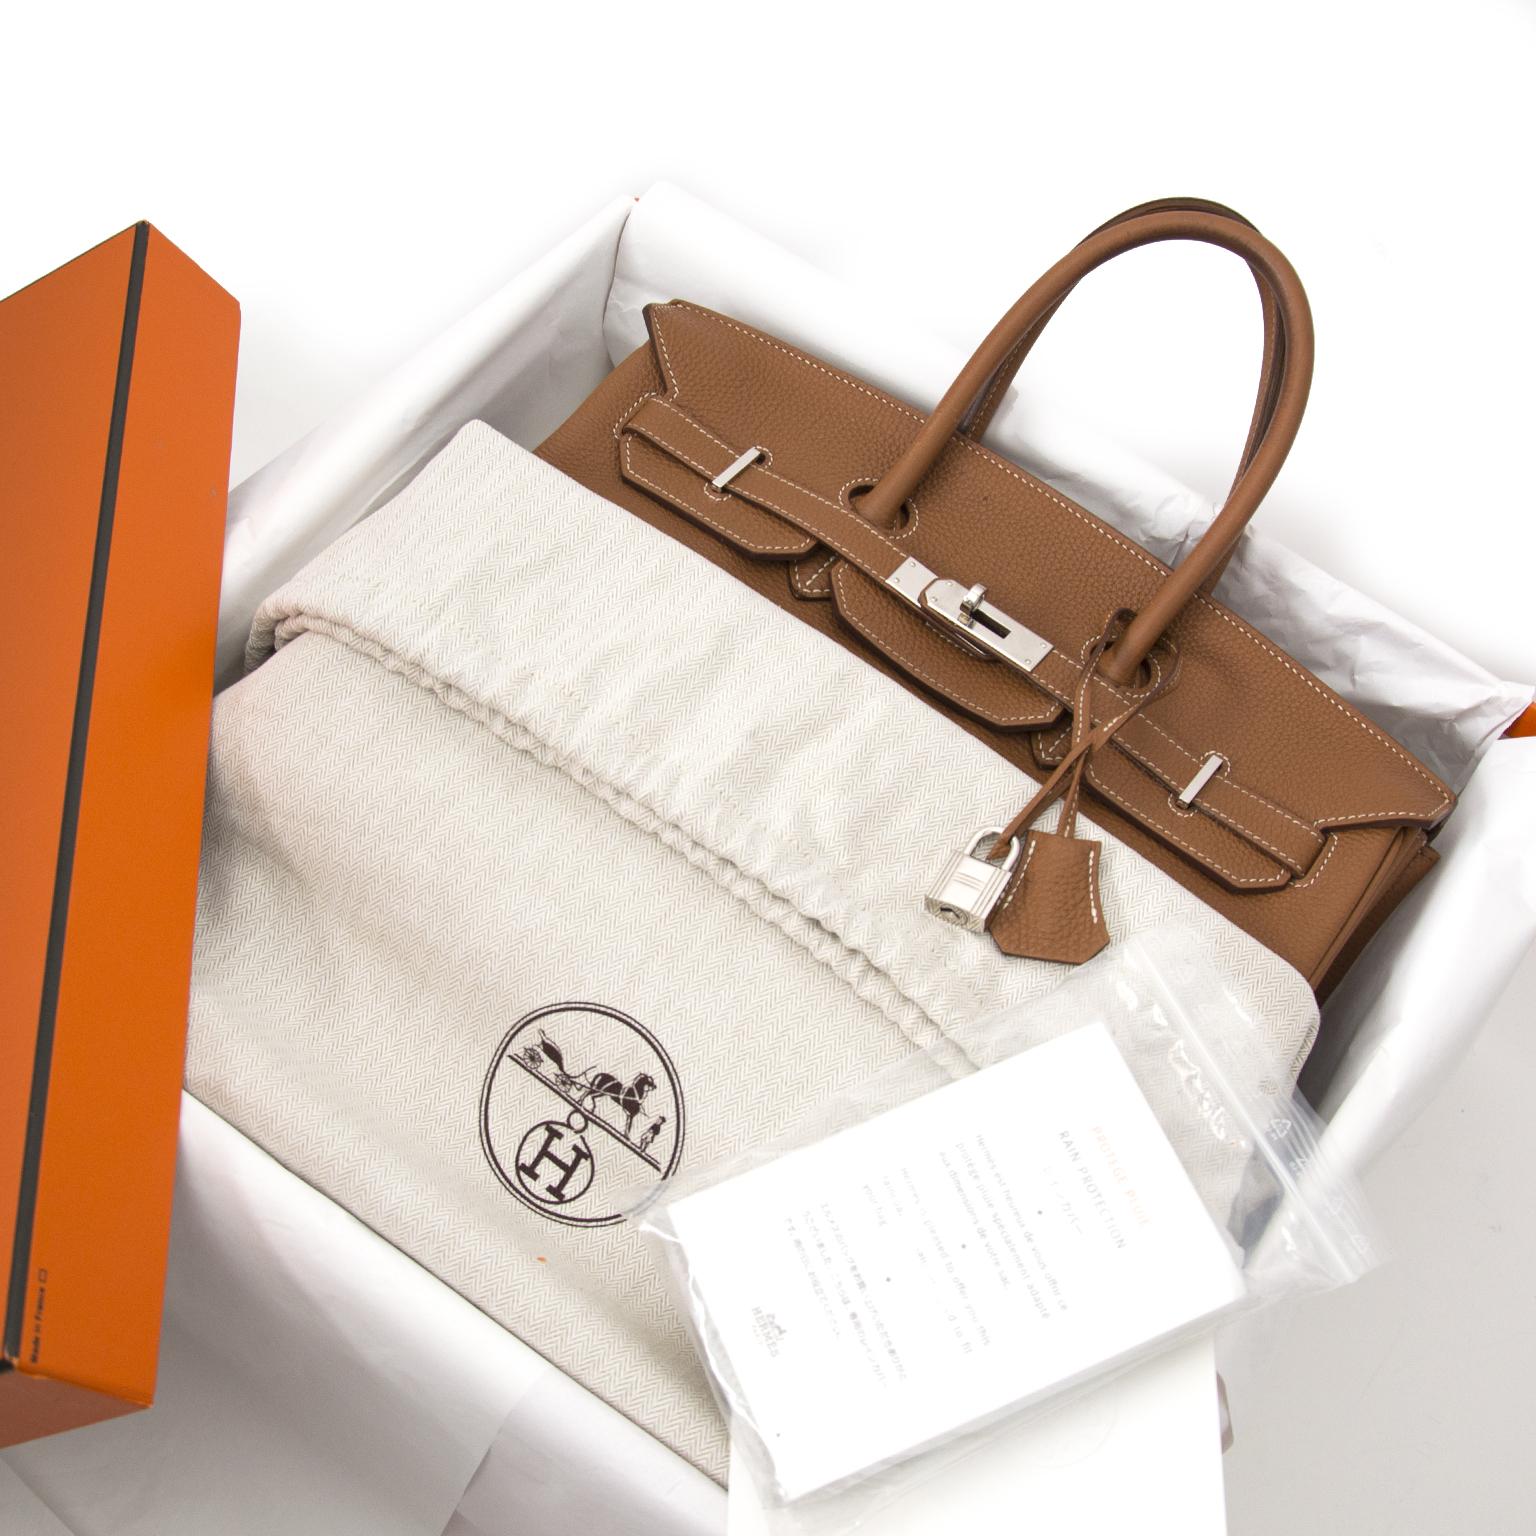 Acheter secur en ligne Hermès Birkin gold 35cm PHW pour le meilleur prix